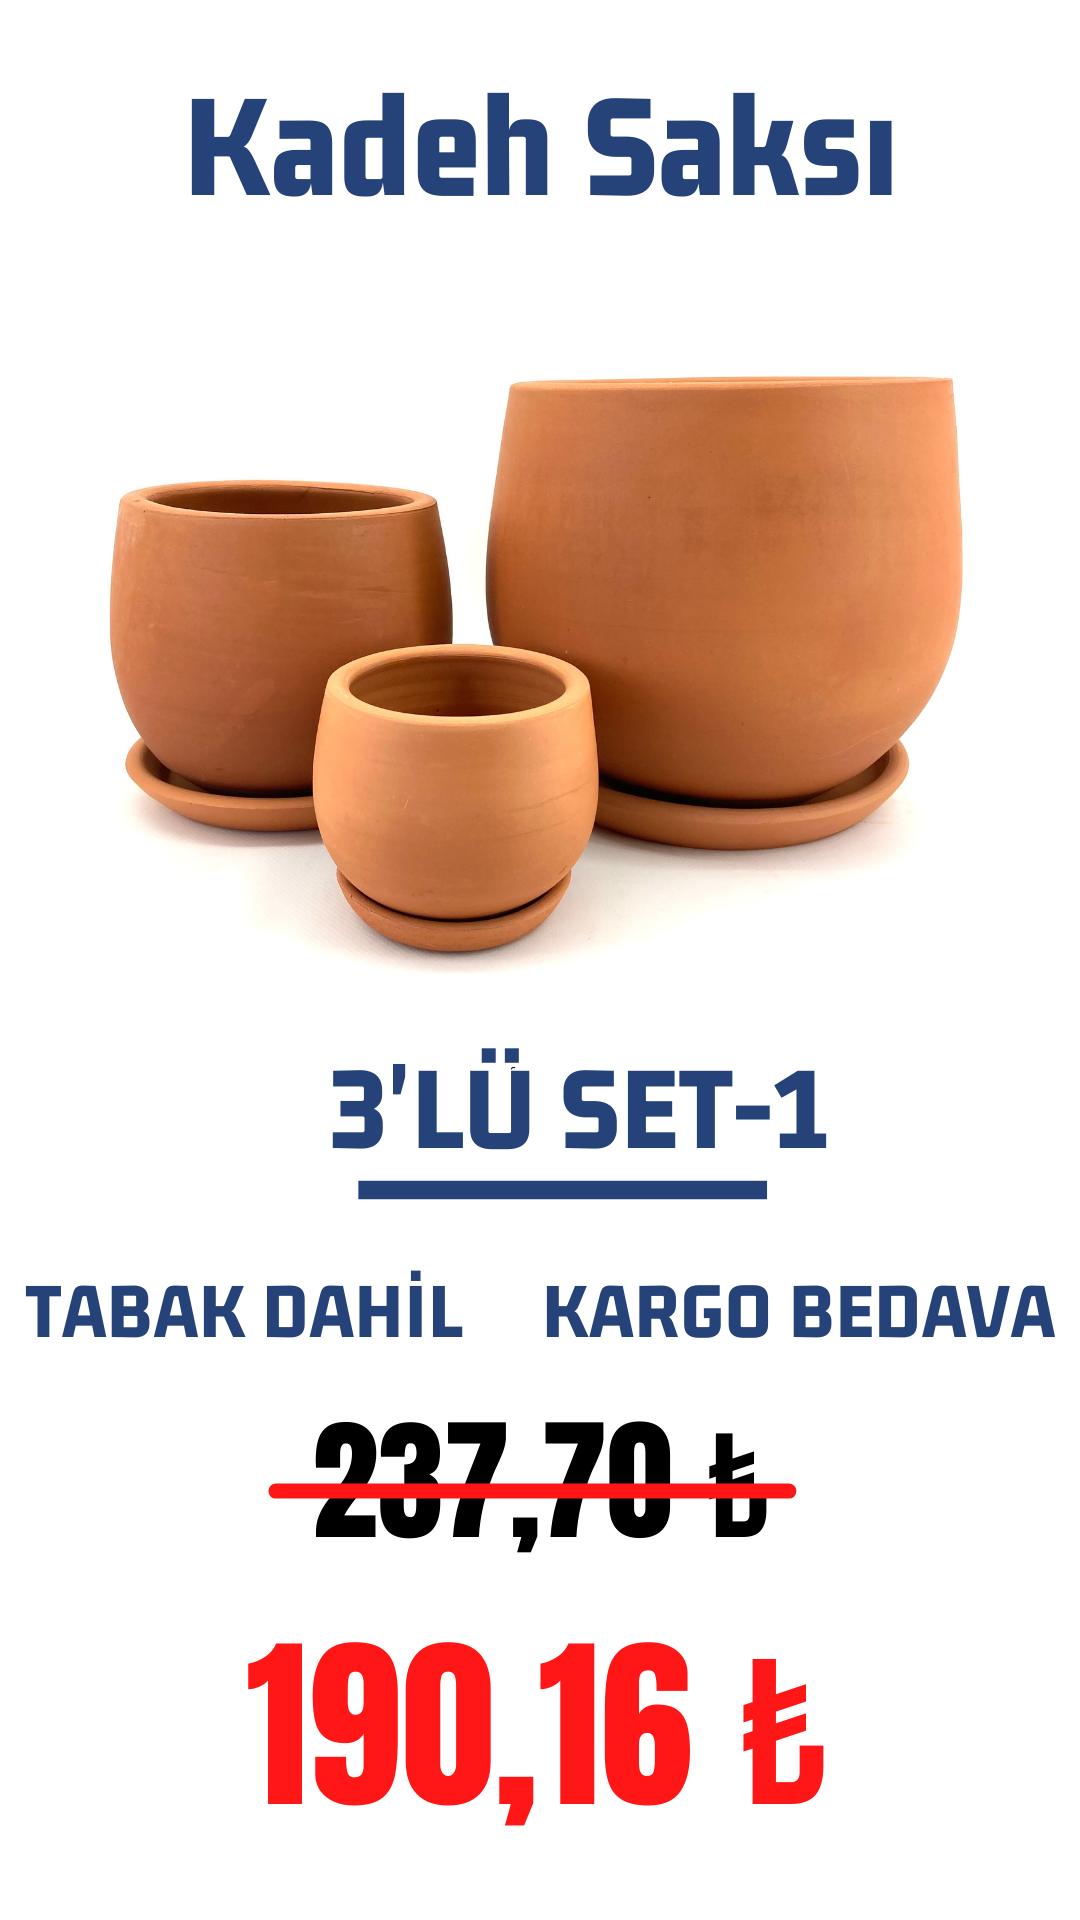 Kadeh 3'lü Set-1